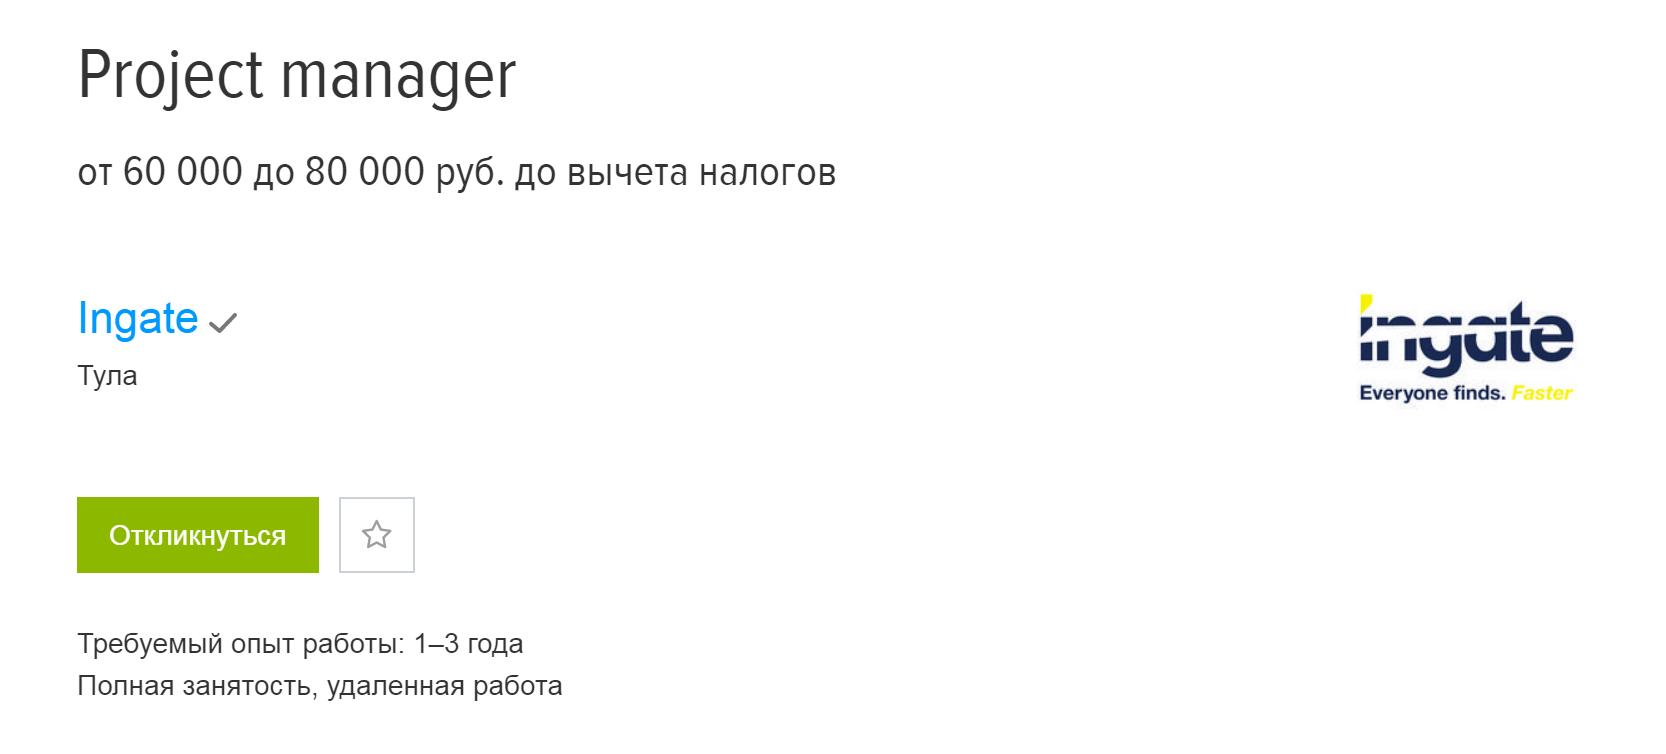 Судя по «Хедхантеру», рядовой проджект-менеджер в «Ингейте» получает до 80 тысяч рублей